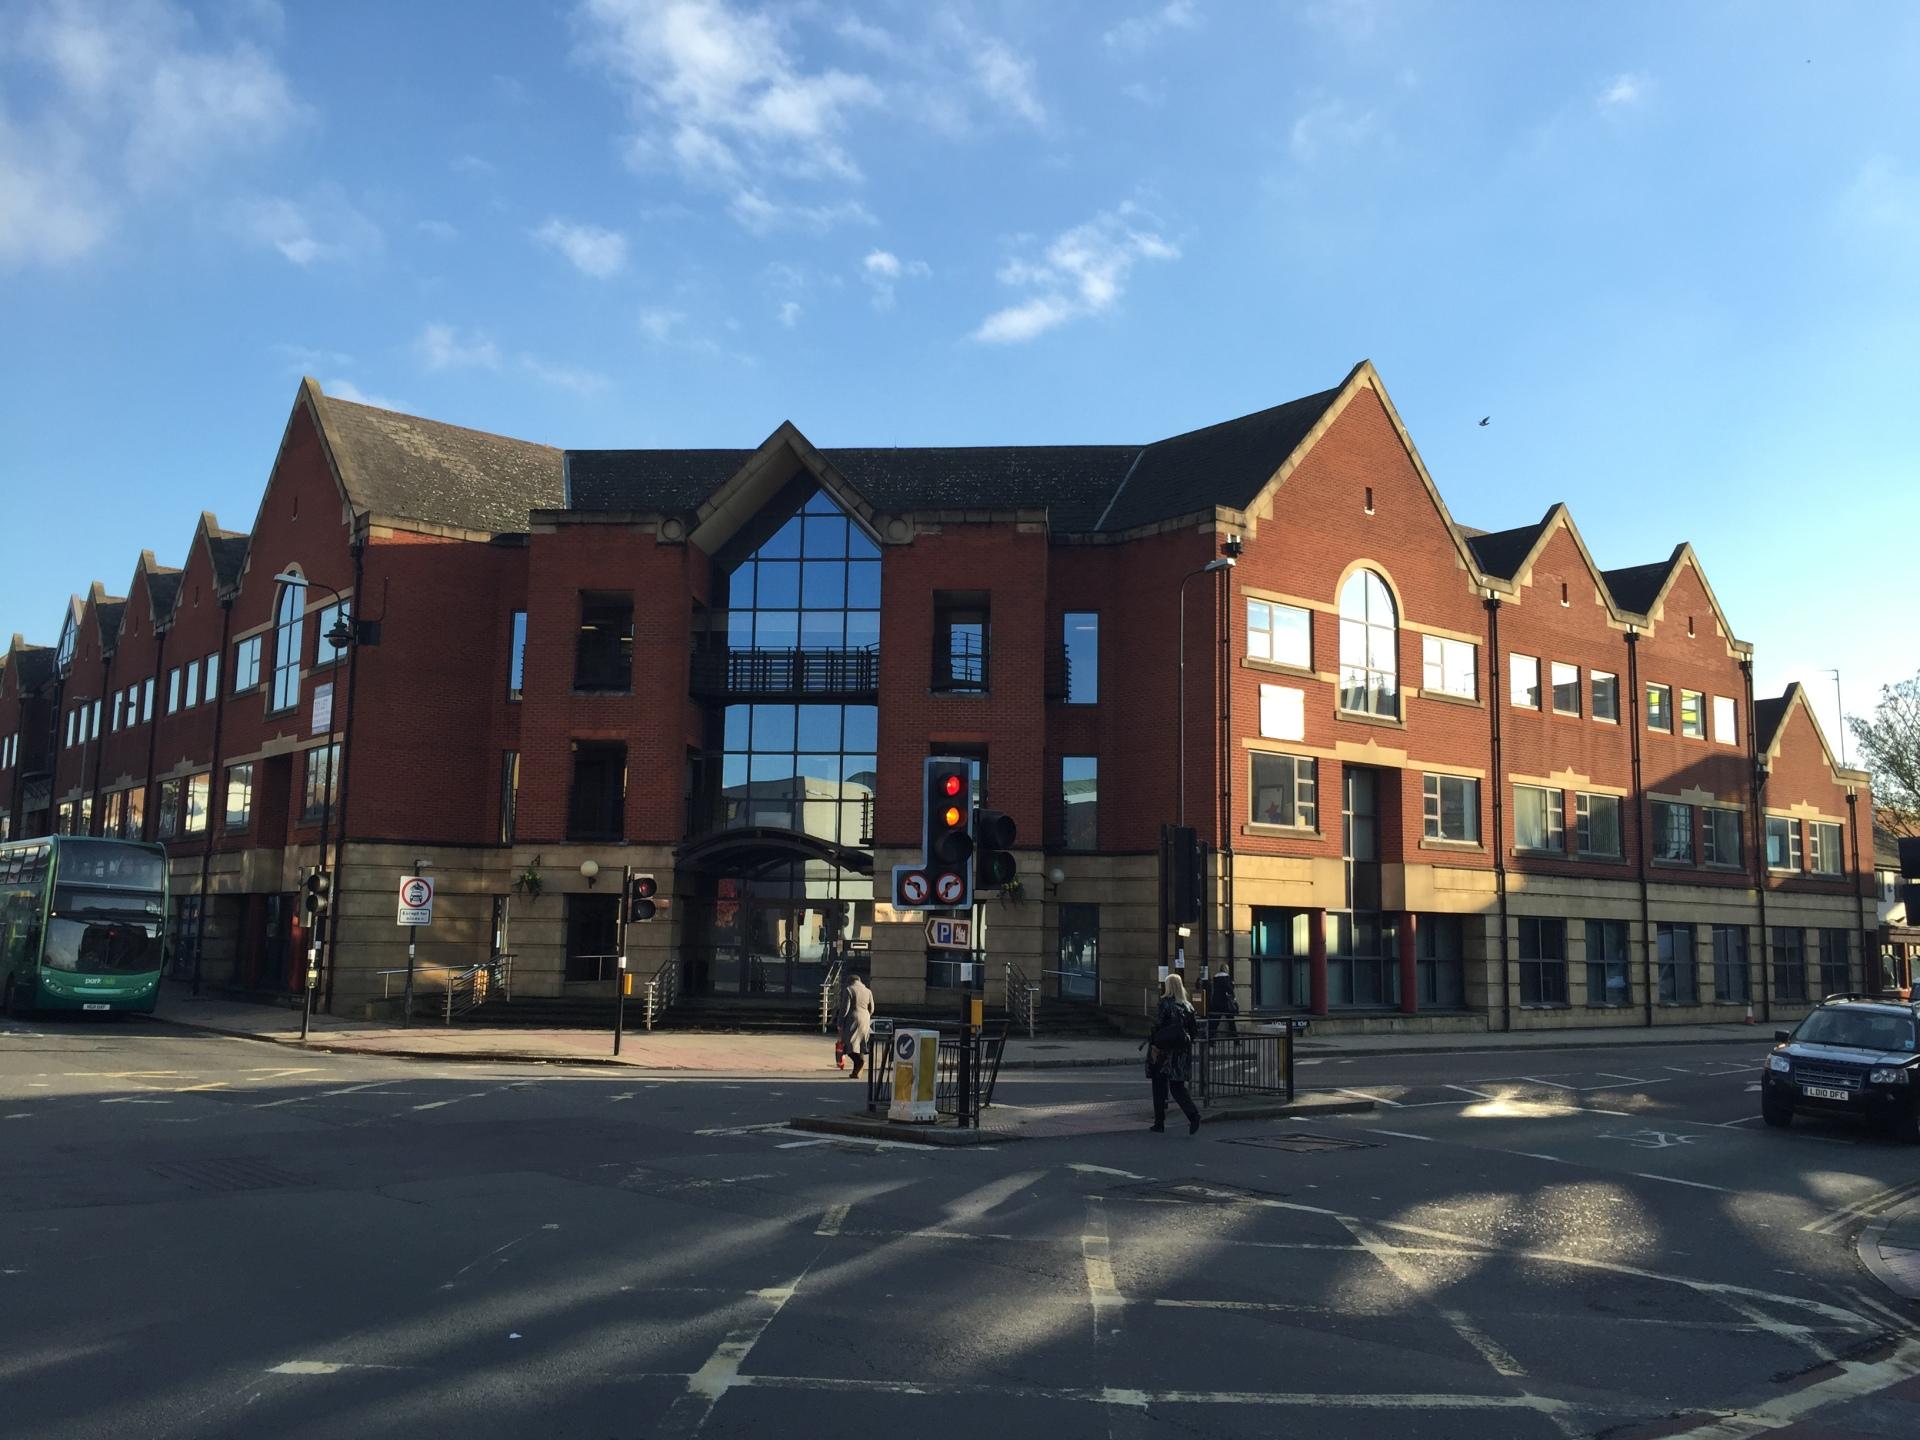 Oxford city centre rents hit £30 per sq ft